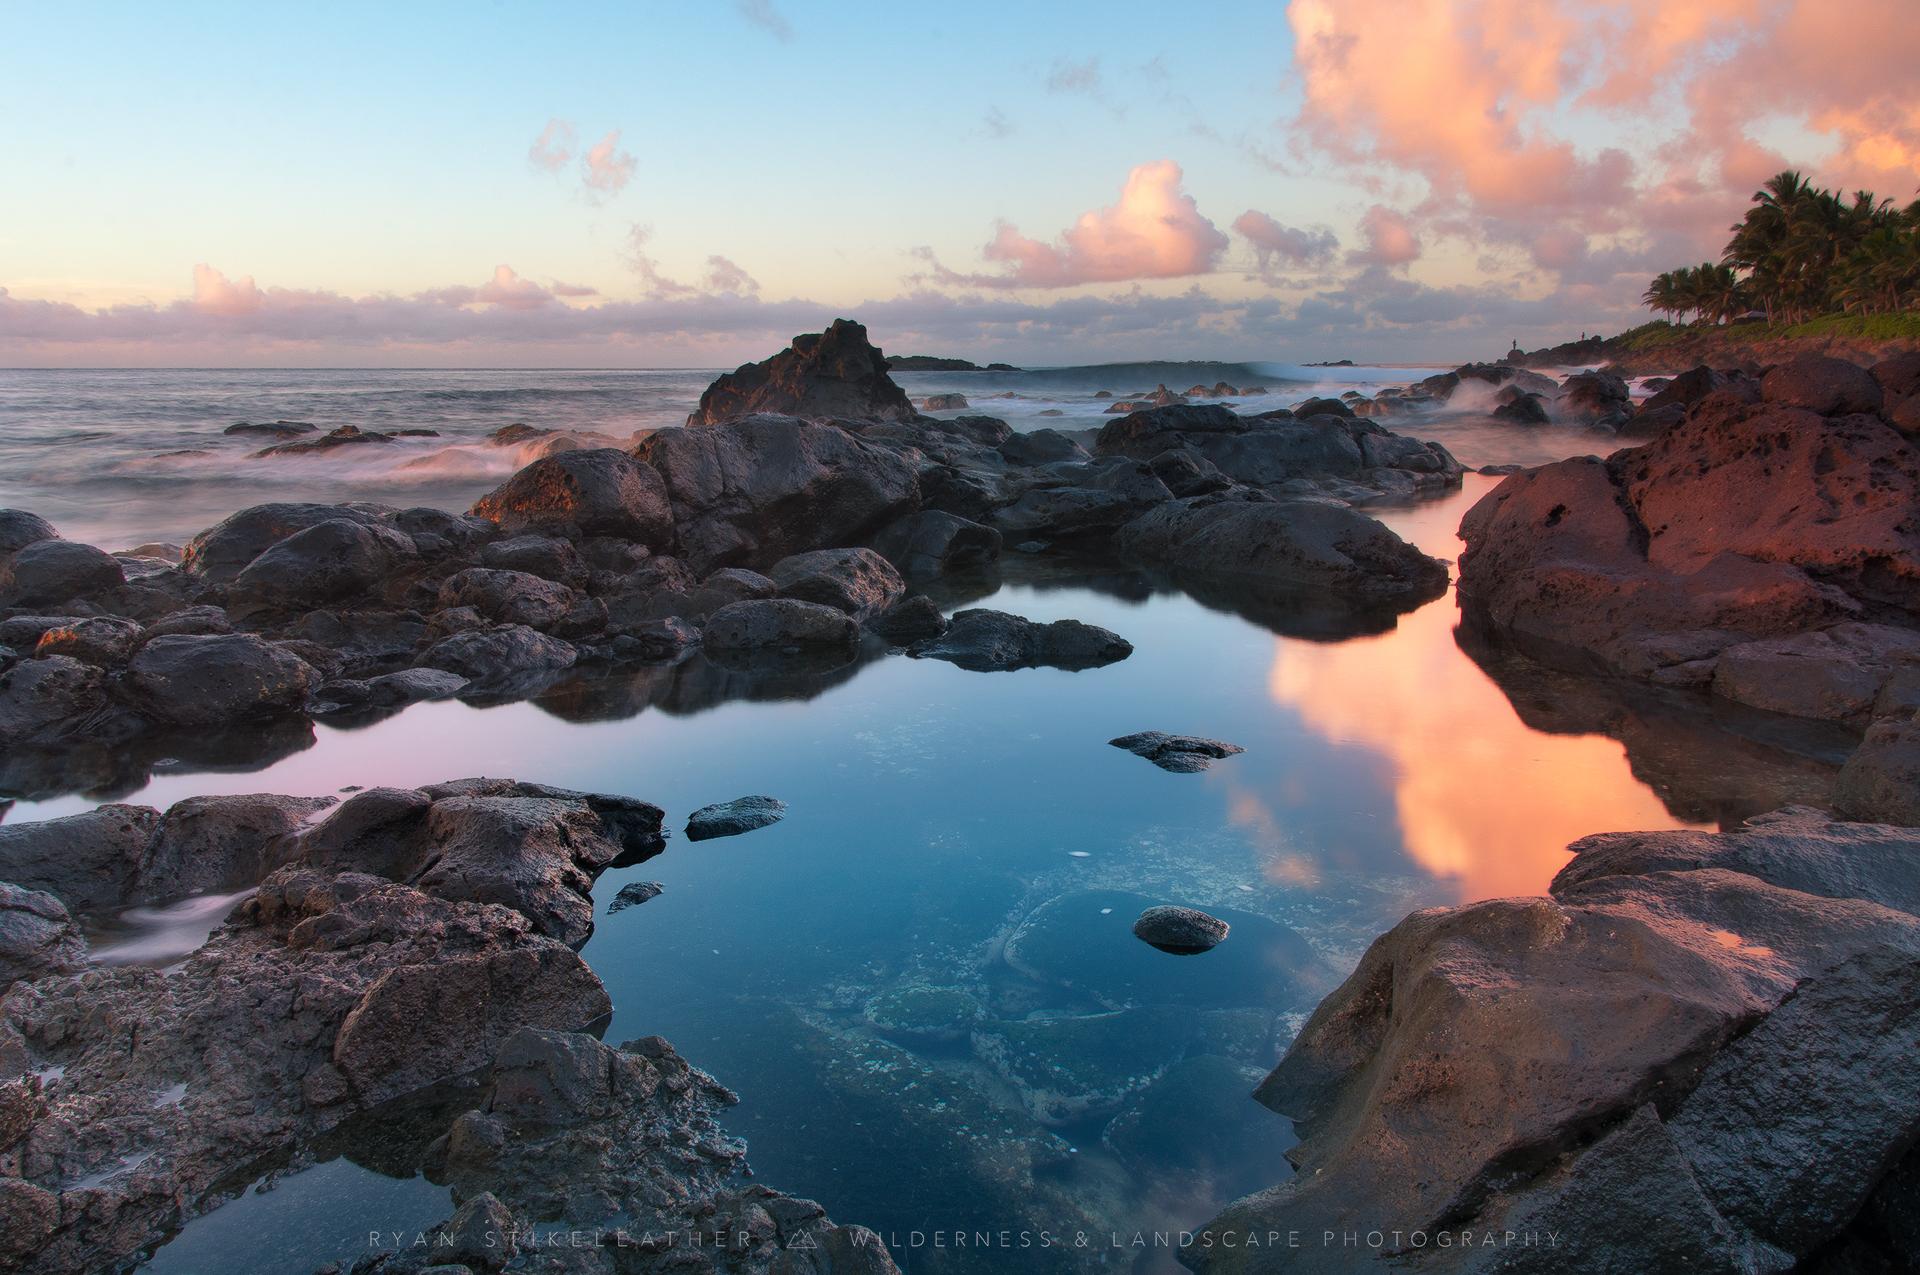 Reflection-at-Wiamea-Bay-DESKTOP.jpg